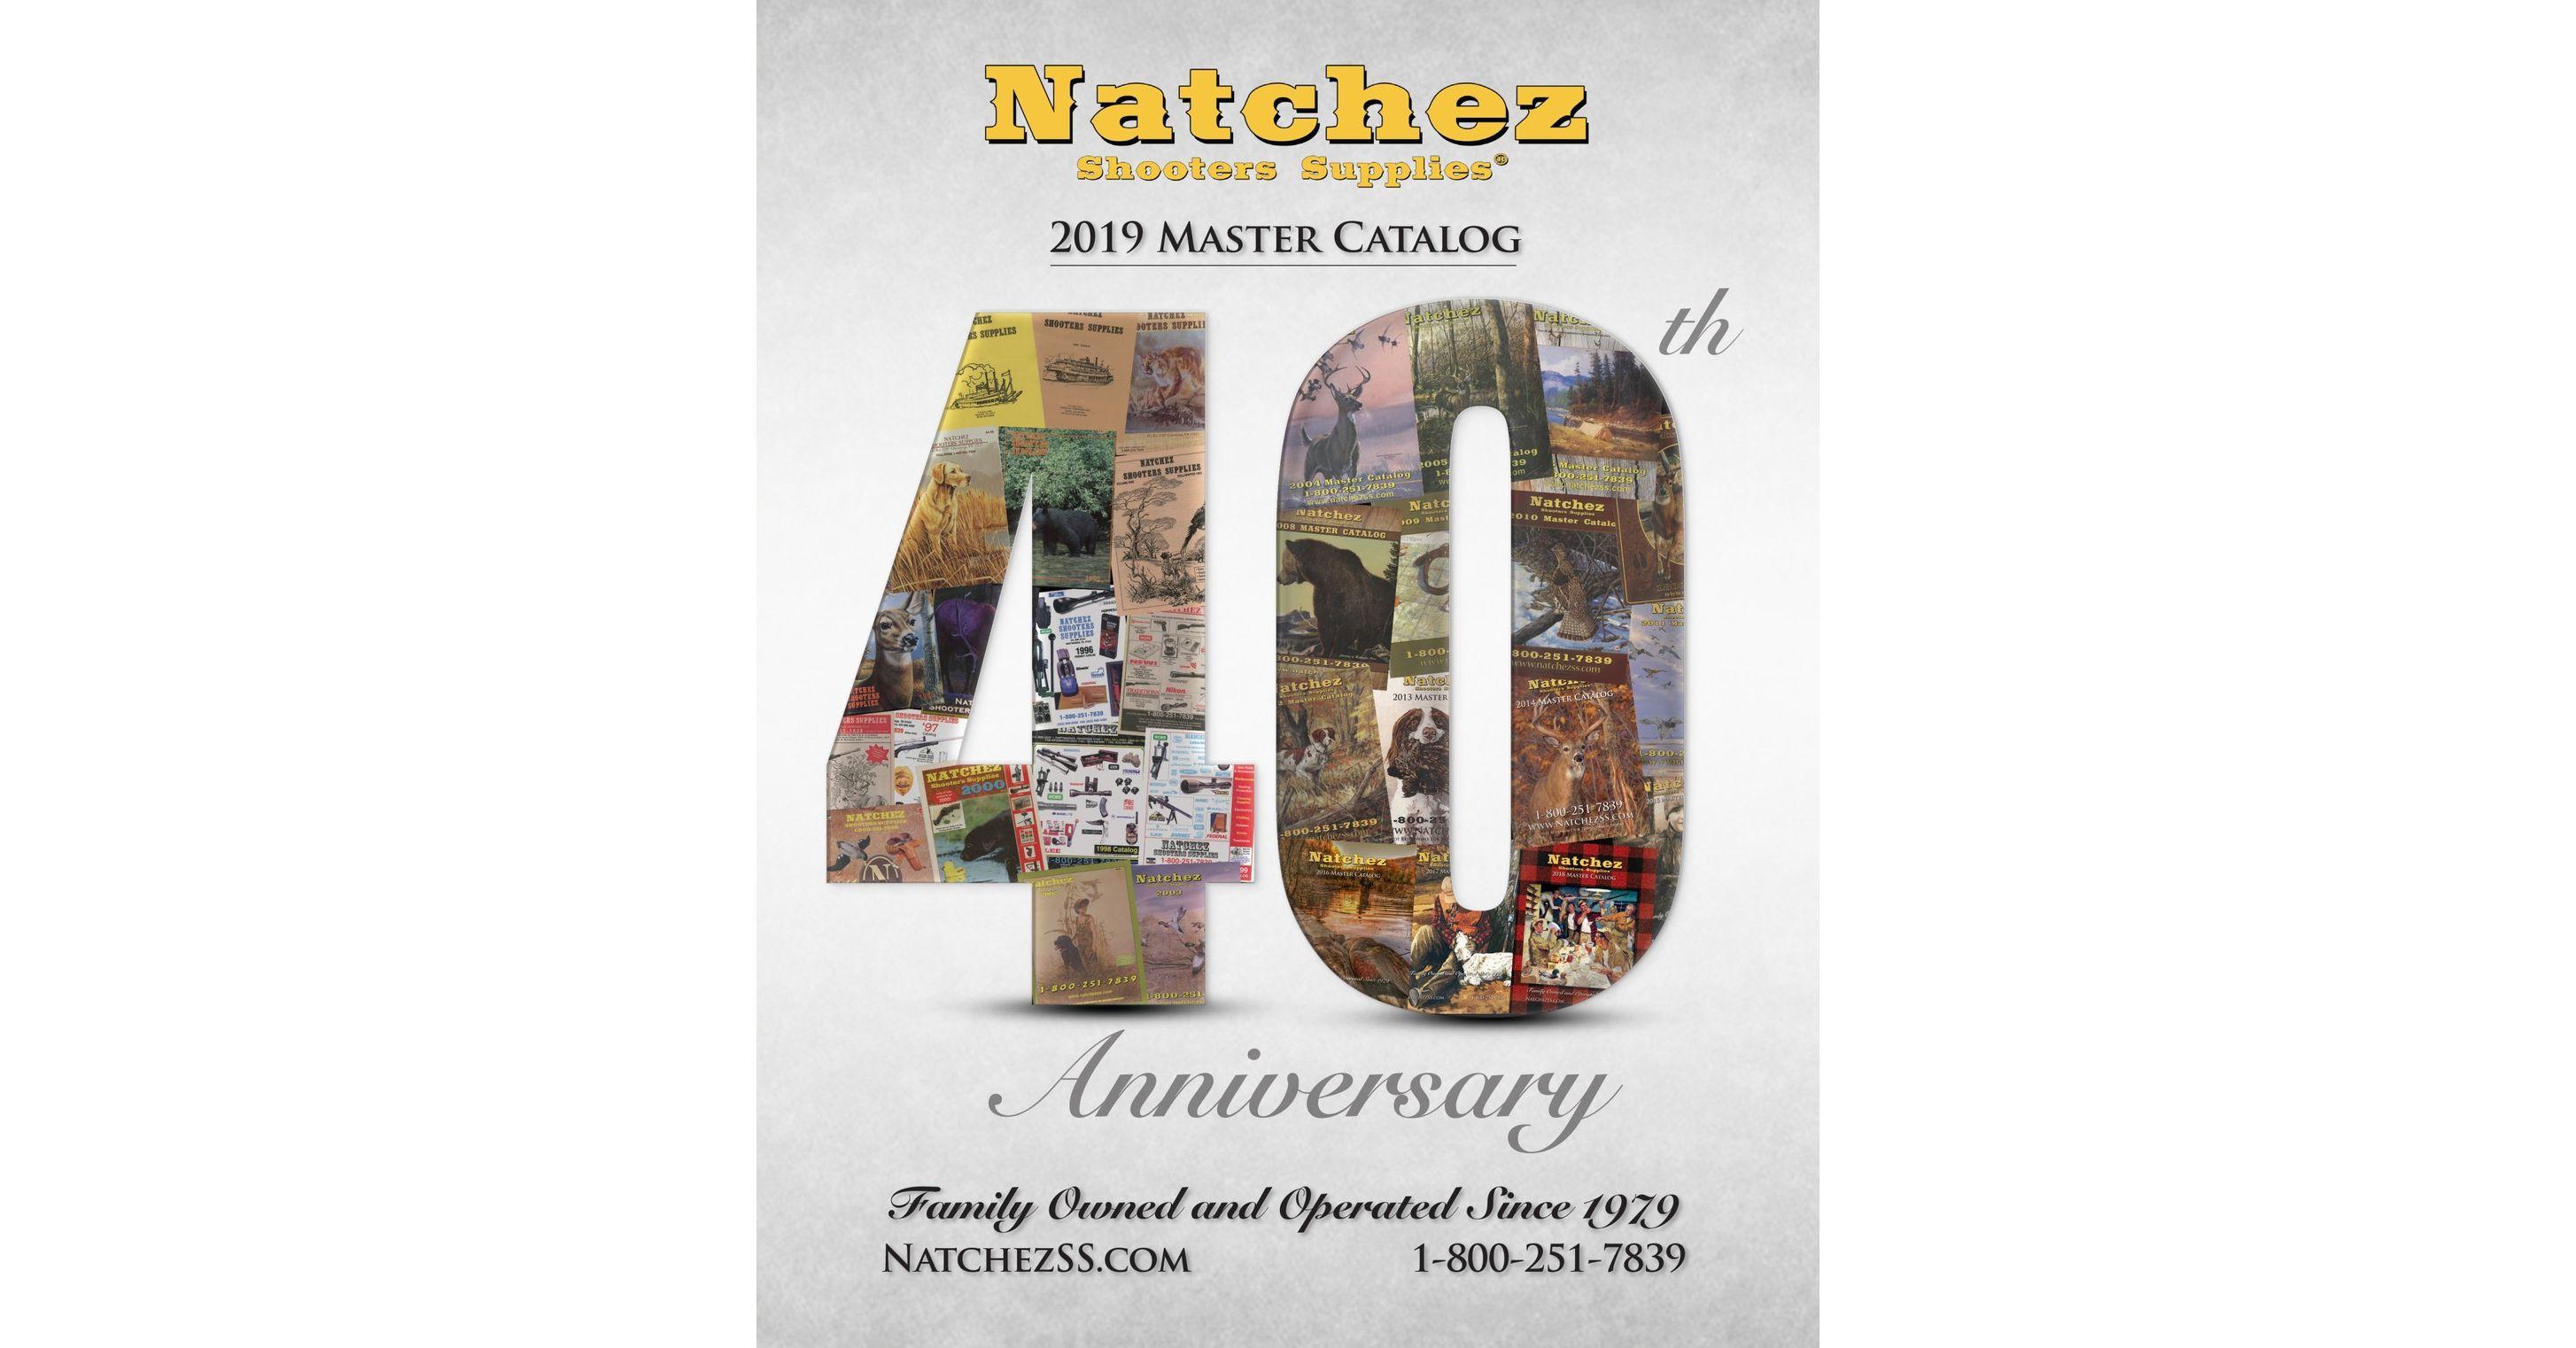 2019 NATCHEZ Master Catalog